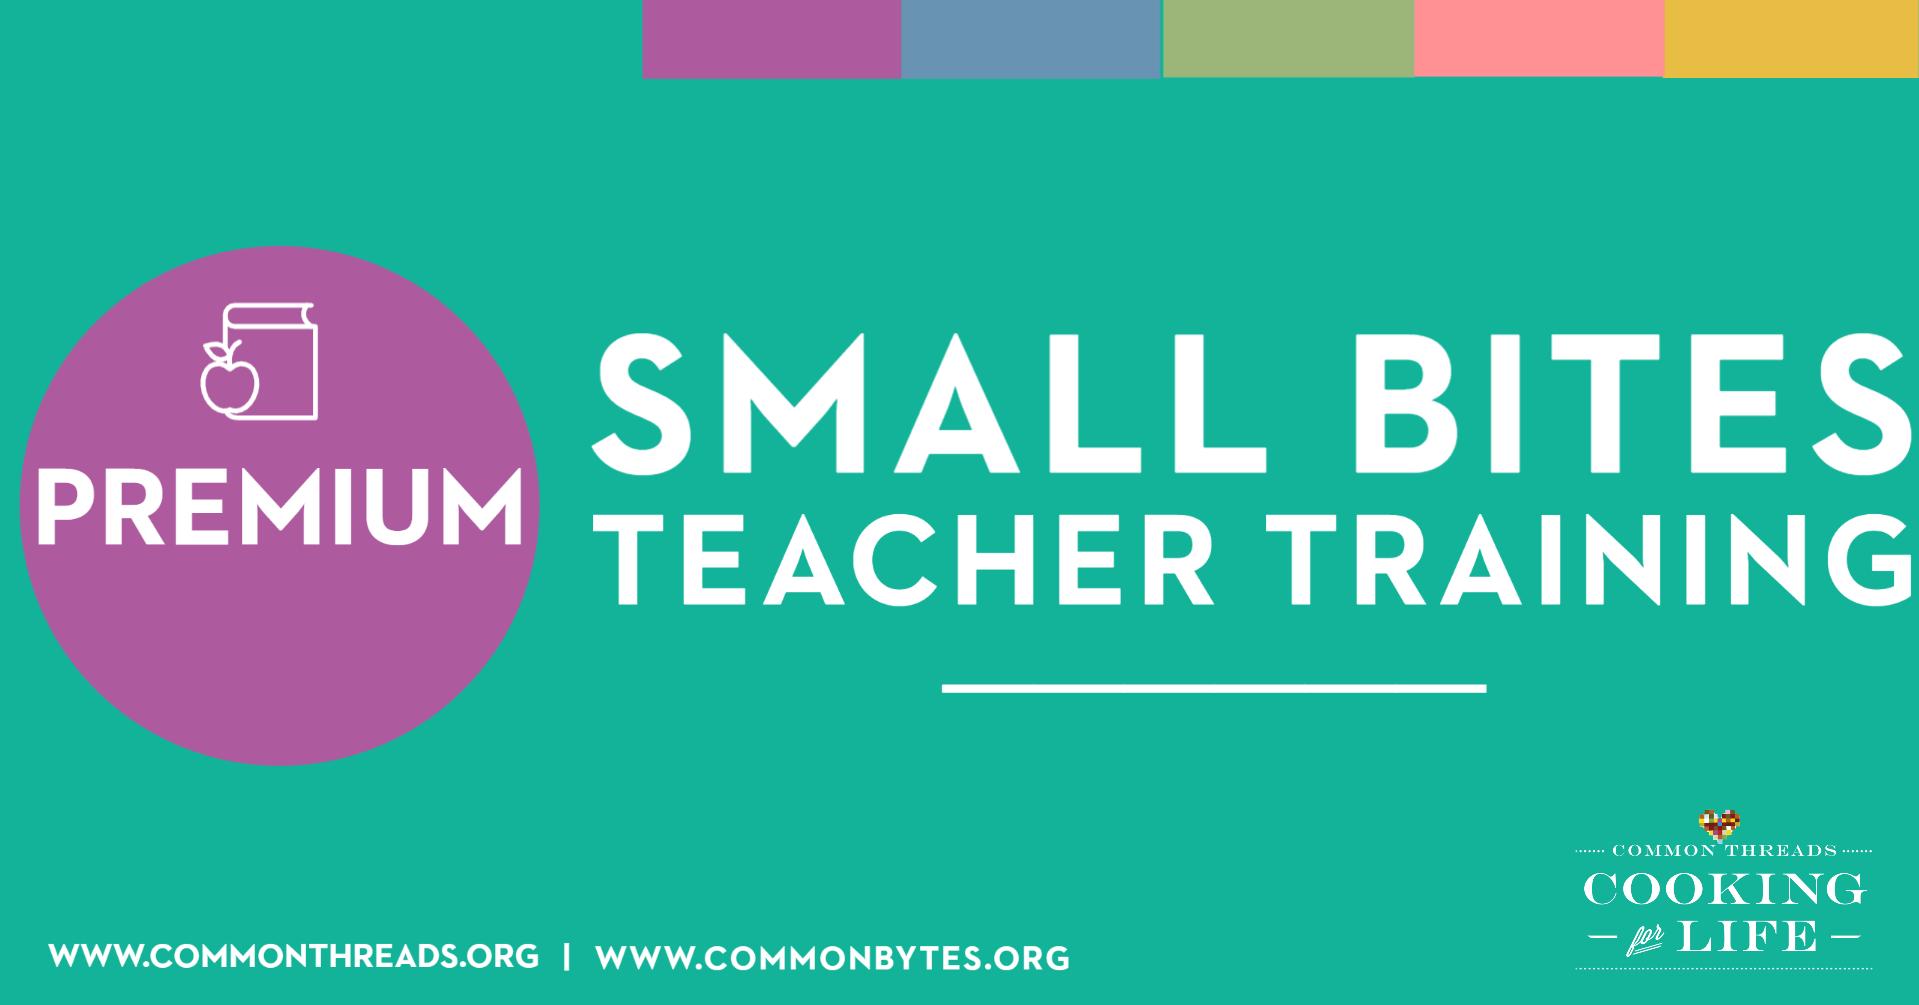 Training: Small Bites Premium